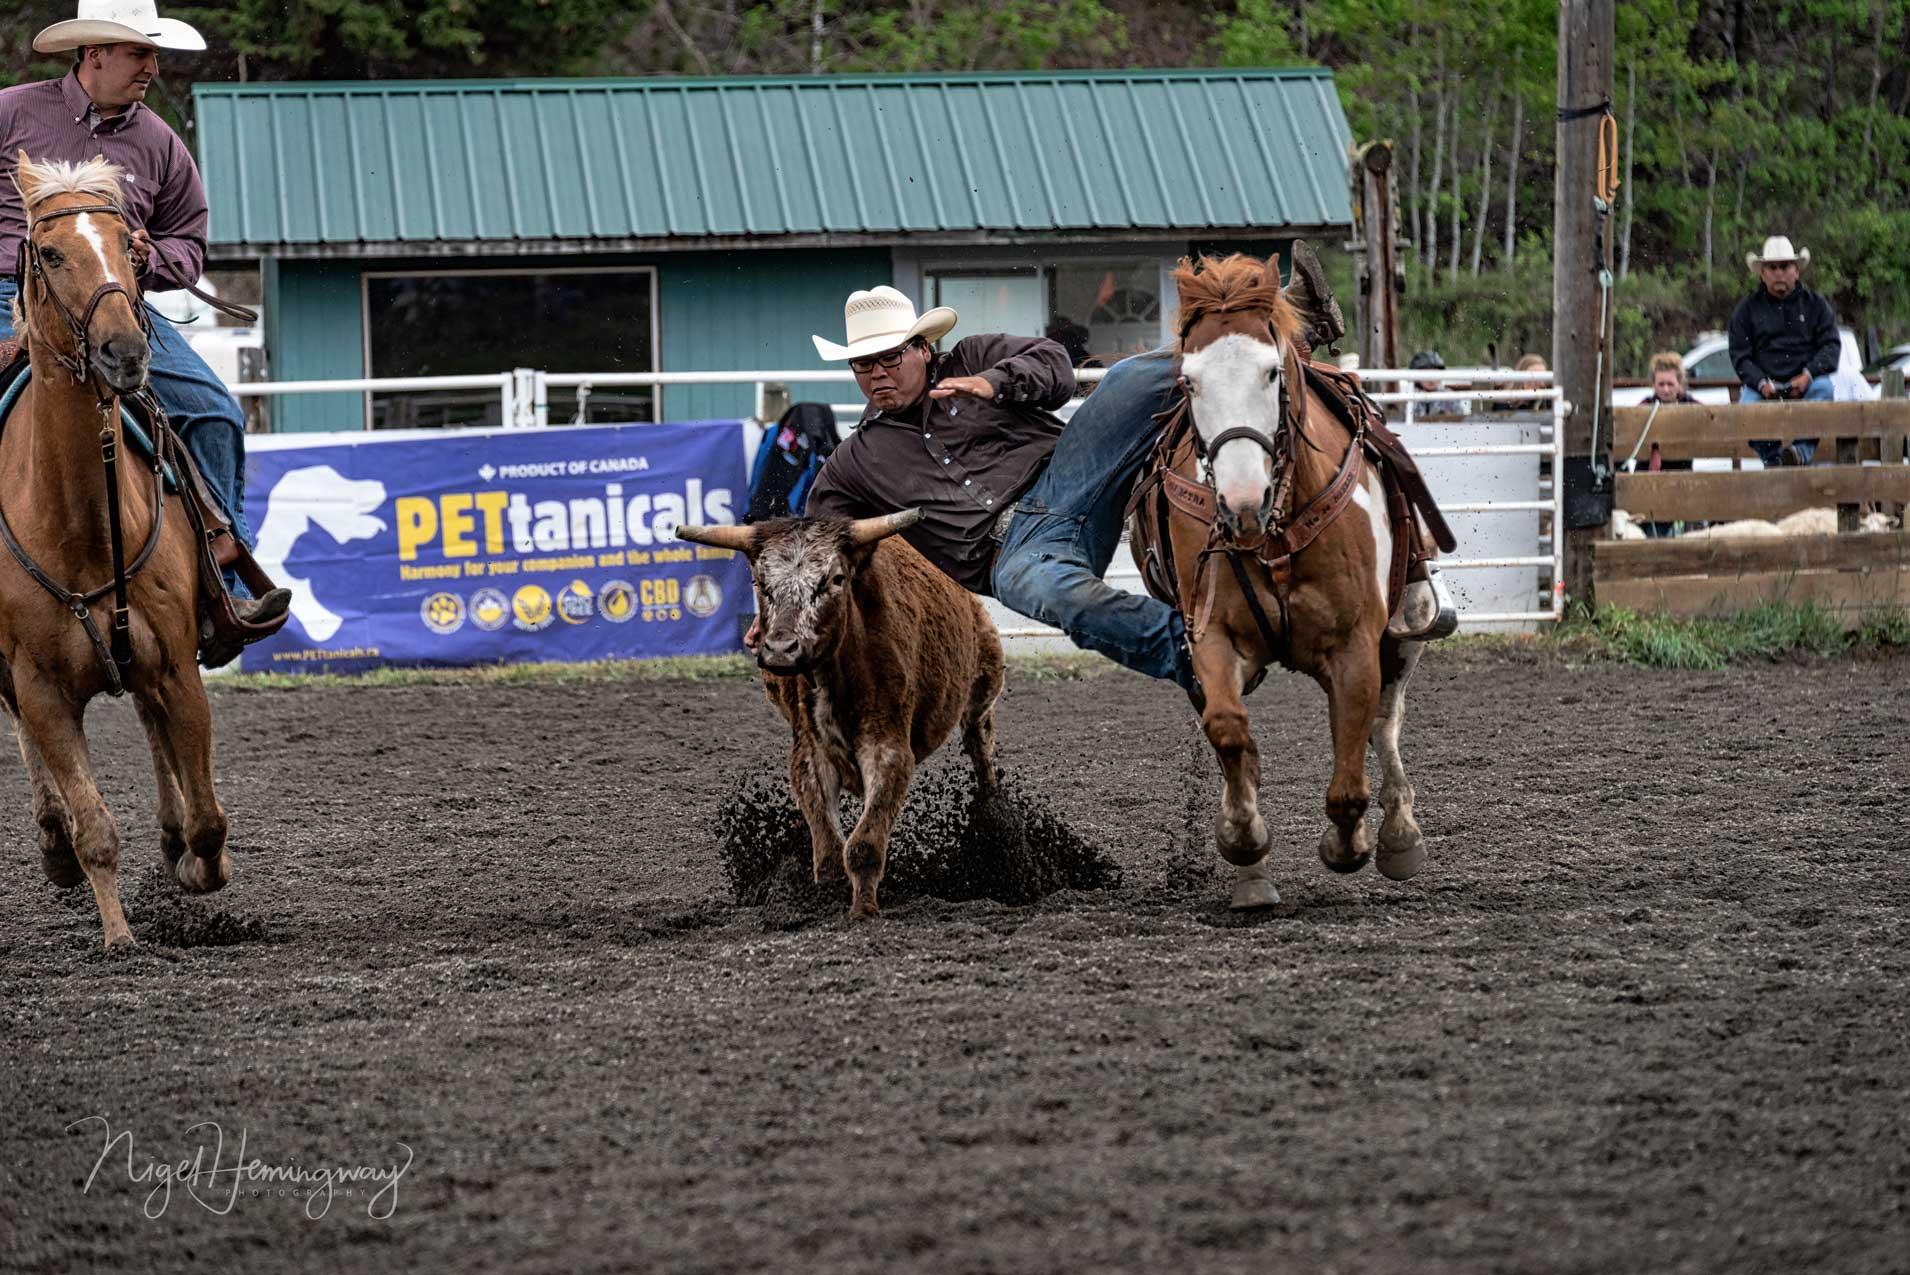 Steer-Wrestling-1 - Nigel Hemingway